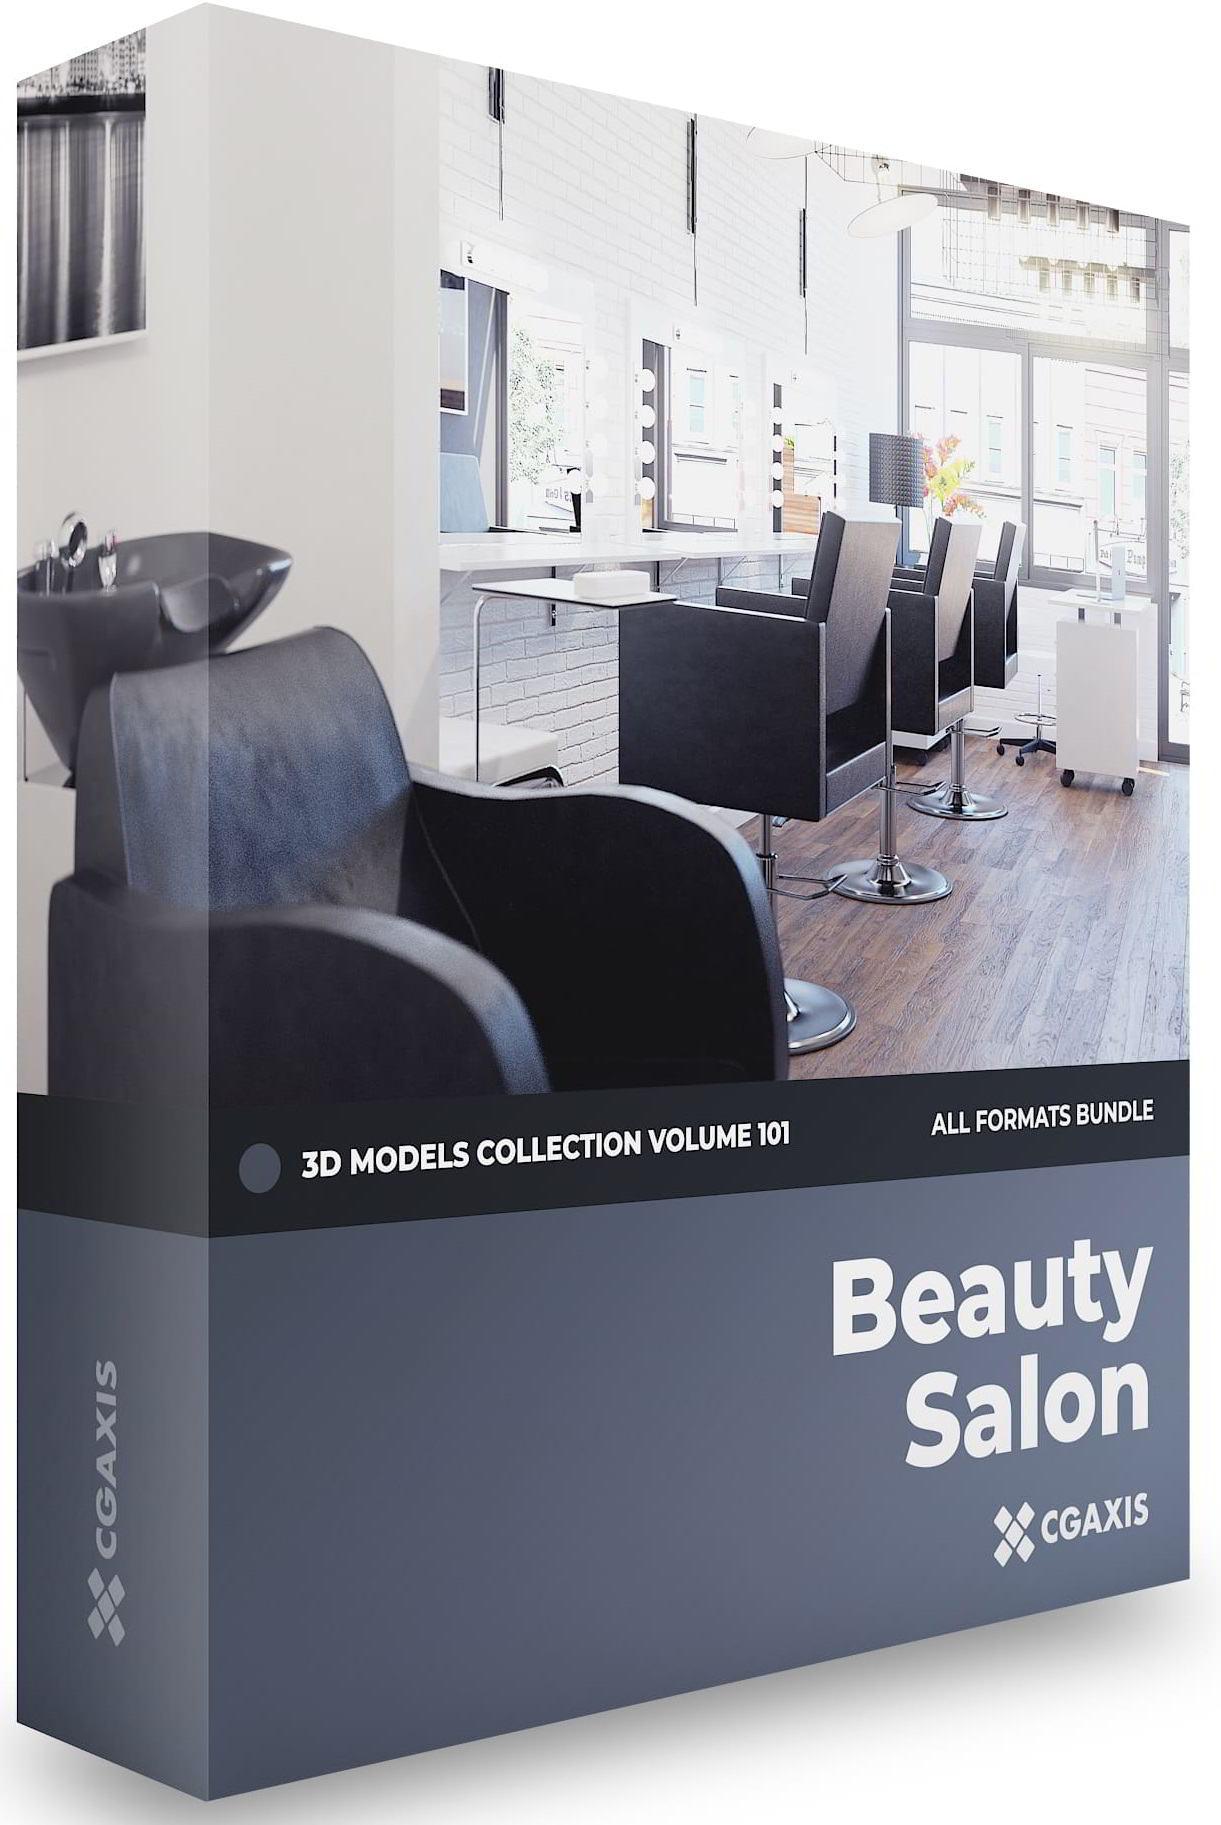 مدل سه بعدی سالن Beauty Salon 3D Models Collection Volume 101